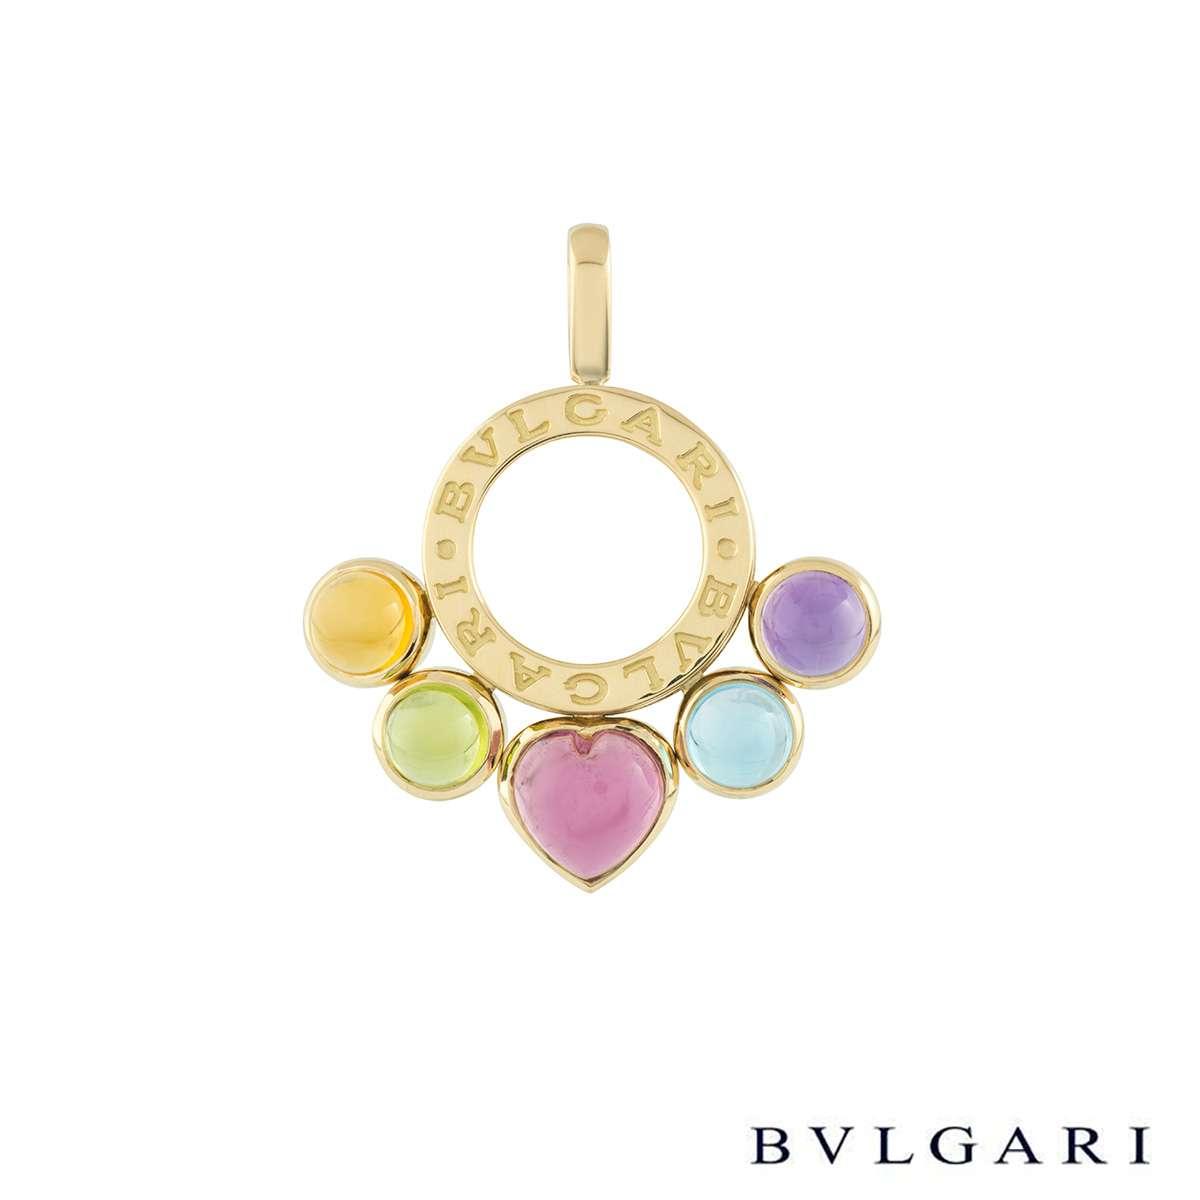 Bvlgari Yellow Gold Multi-Gemstone Allegra Pendant